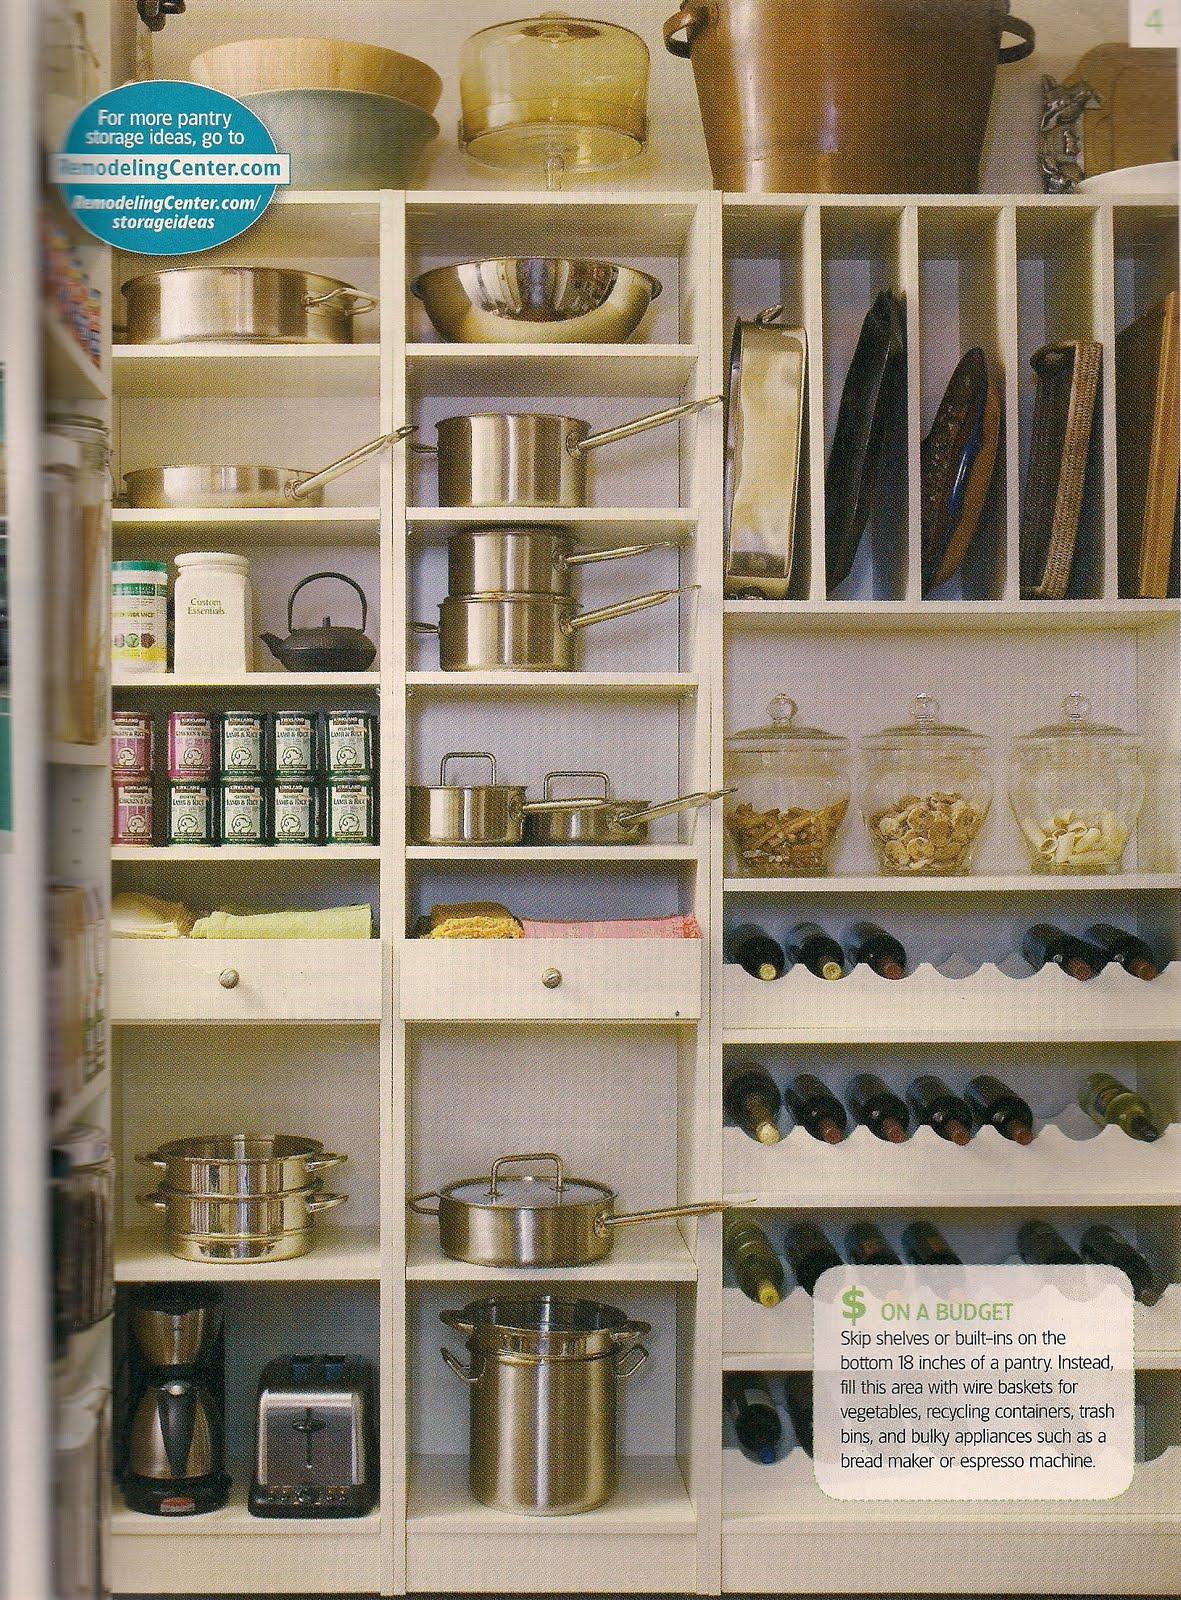 #277C8D como muitos sabem eu não sou fã de cozinha ou melhor de cozinhar mas  1181x1600 px A Cozinha Mais Recente Projeta Fotos_836 Imagens